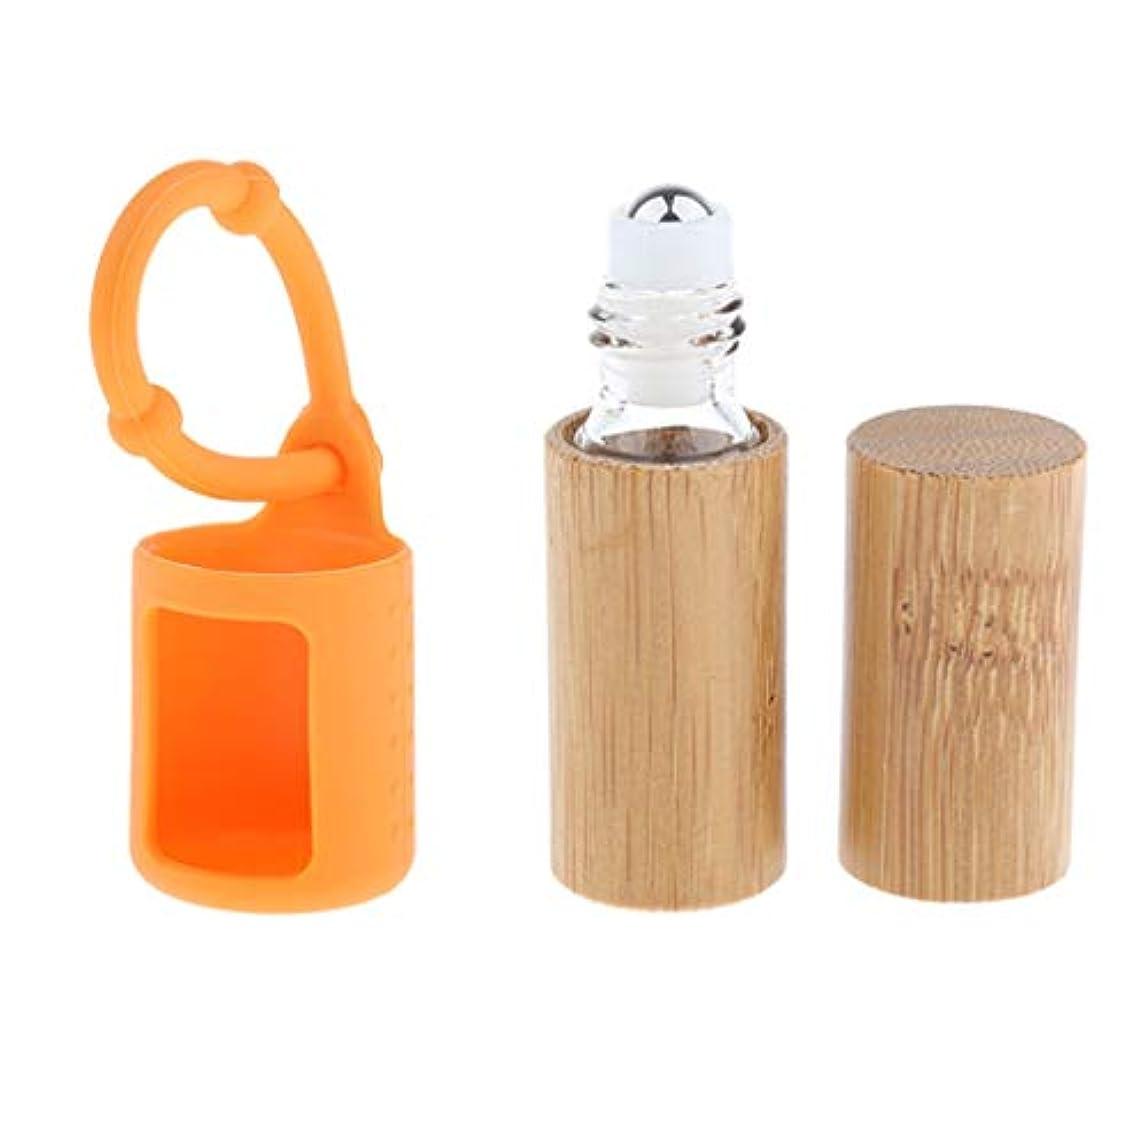 浸す解き明かすアンデス山脈竹ボトル エッセンシャルオイル 香水 オイル 精油瓶 詰め替え 5ミリ 吊り掛けバッグ付